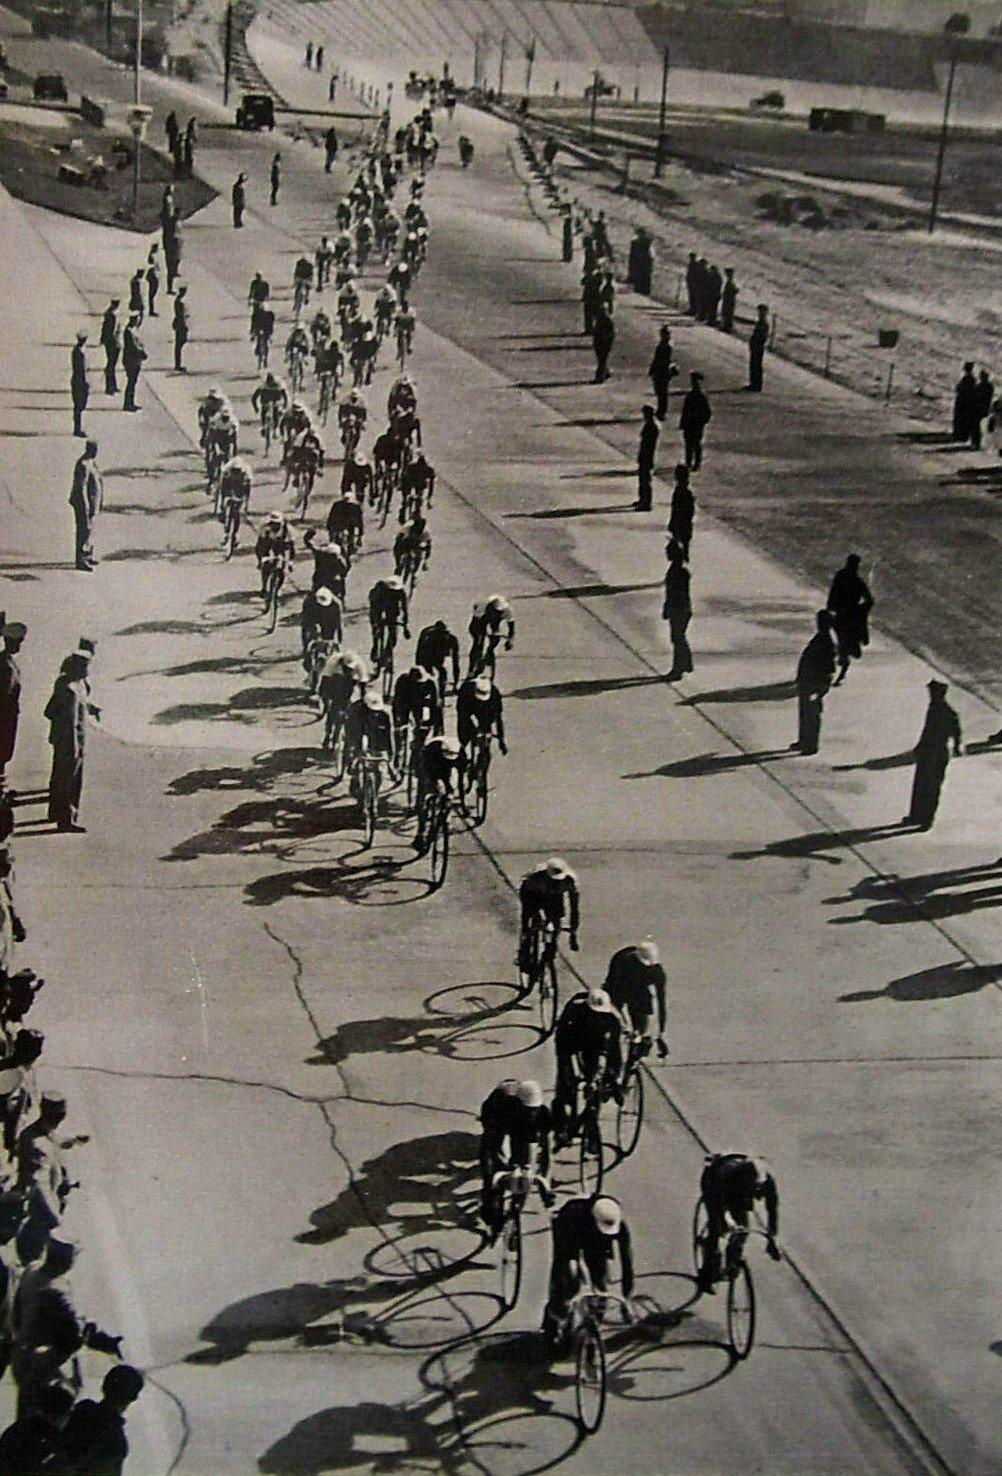 berlin 1936 olympiade 100km strassenrennen